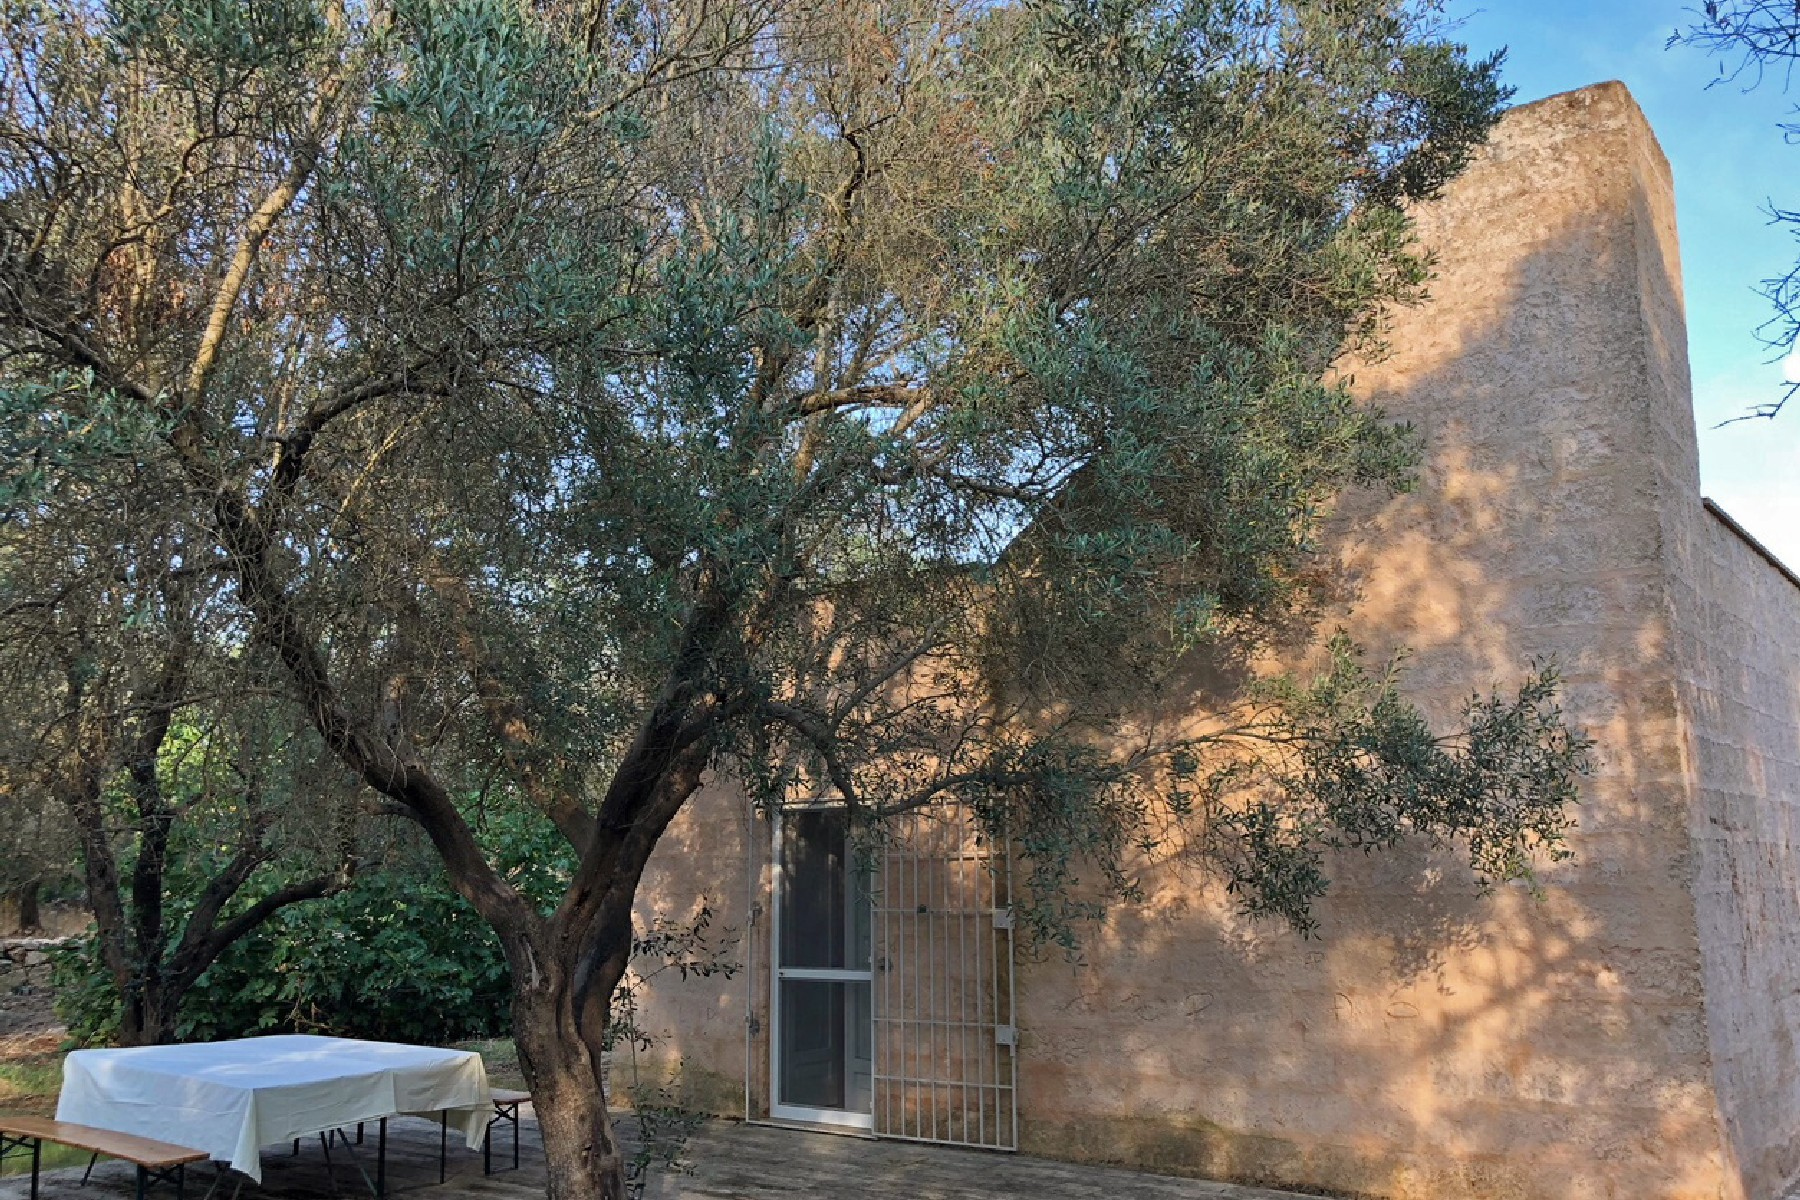 Casa indipendente in Vendita a Ugento: 4 locali, 160 mq - Foto 10